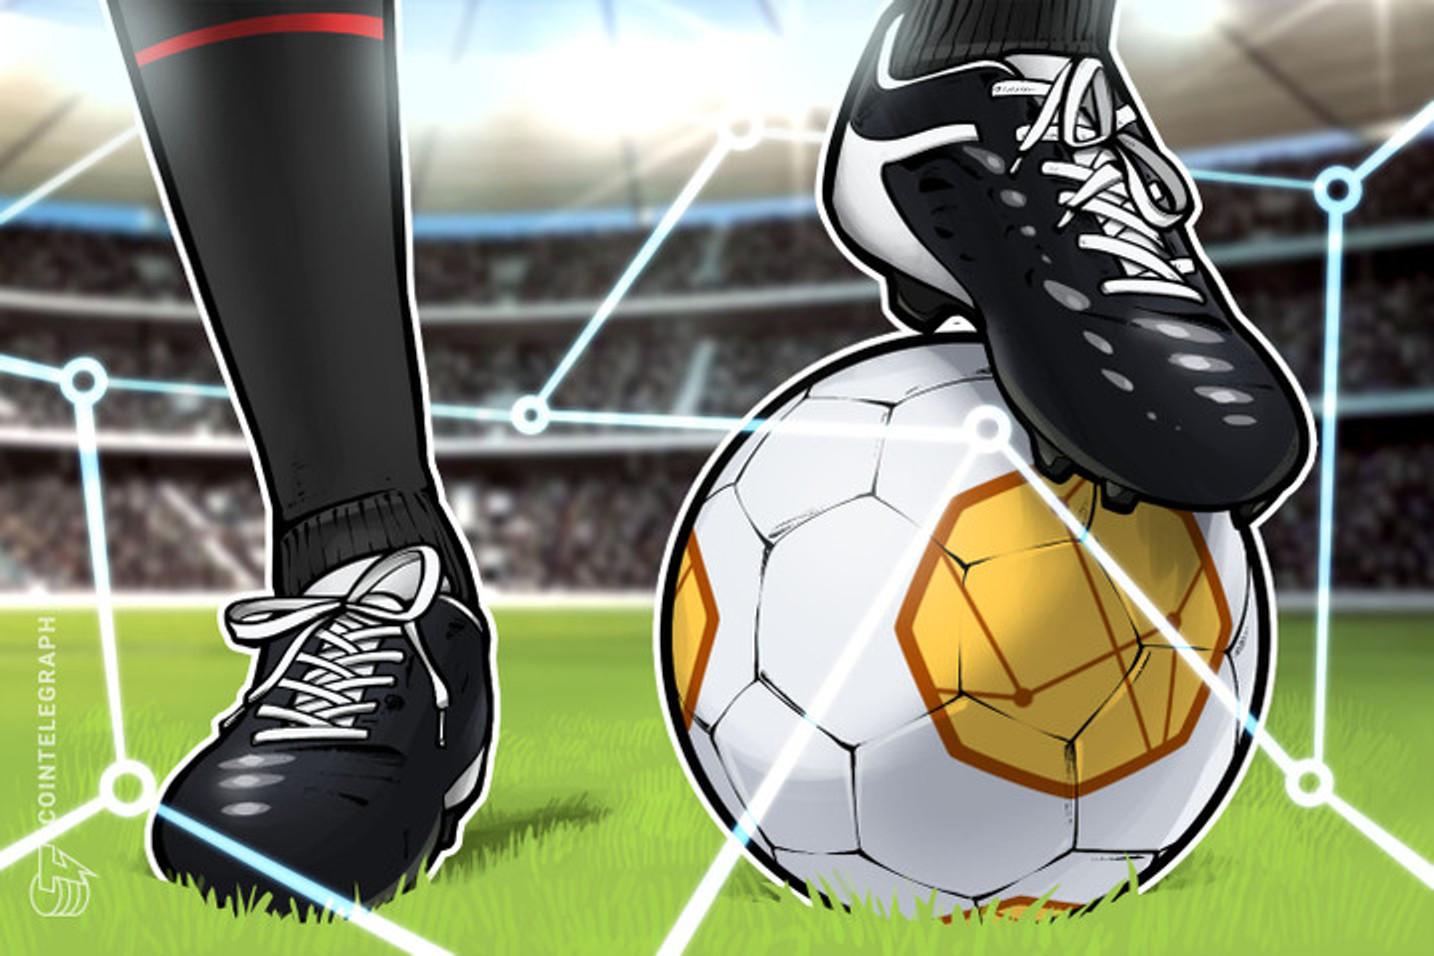 Mercado Bitcoin lista criptomoeda Chiliz, token de gigantes do futebol como Juventus, PSG e Barcelona